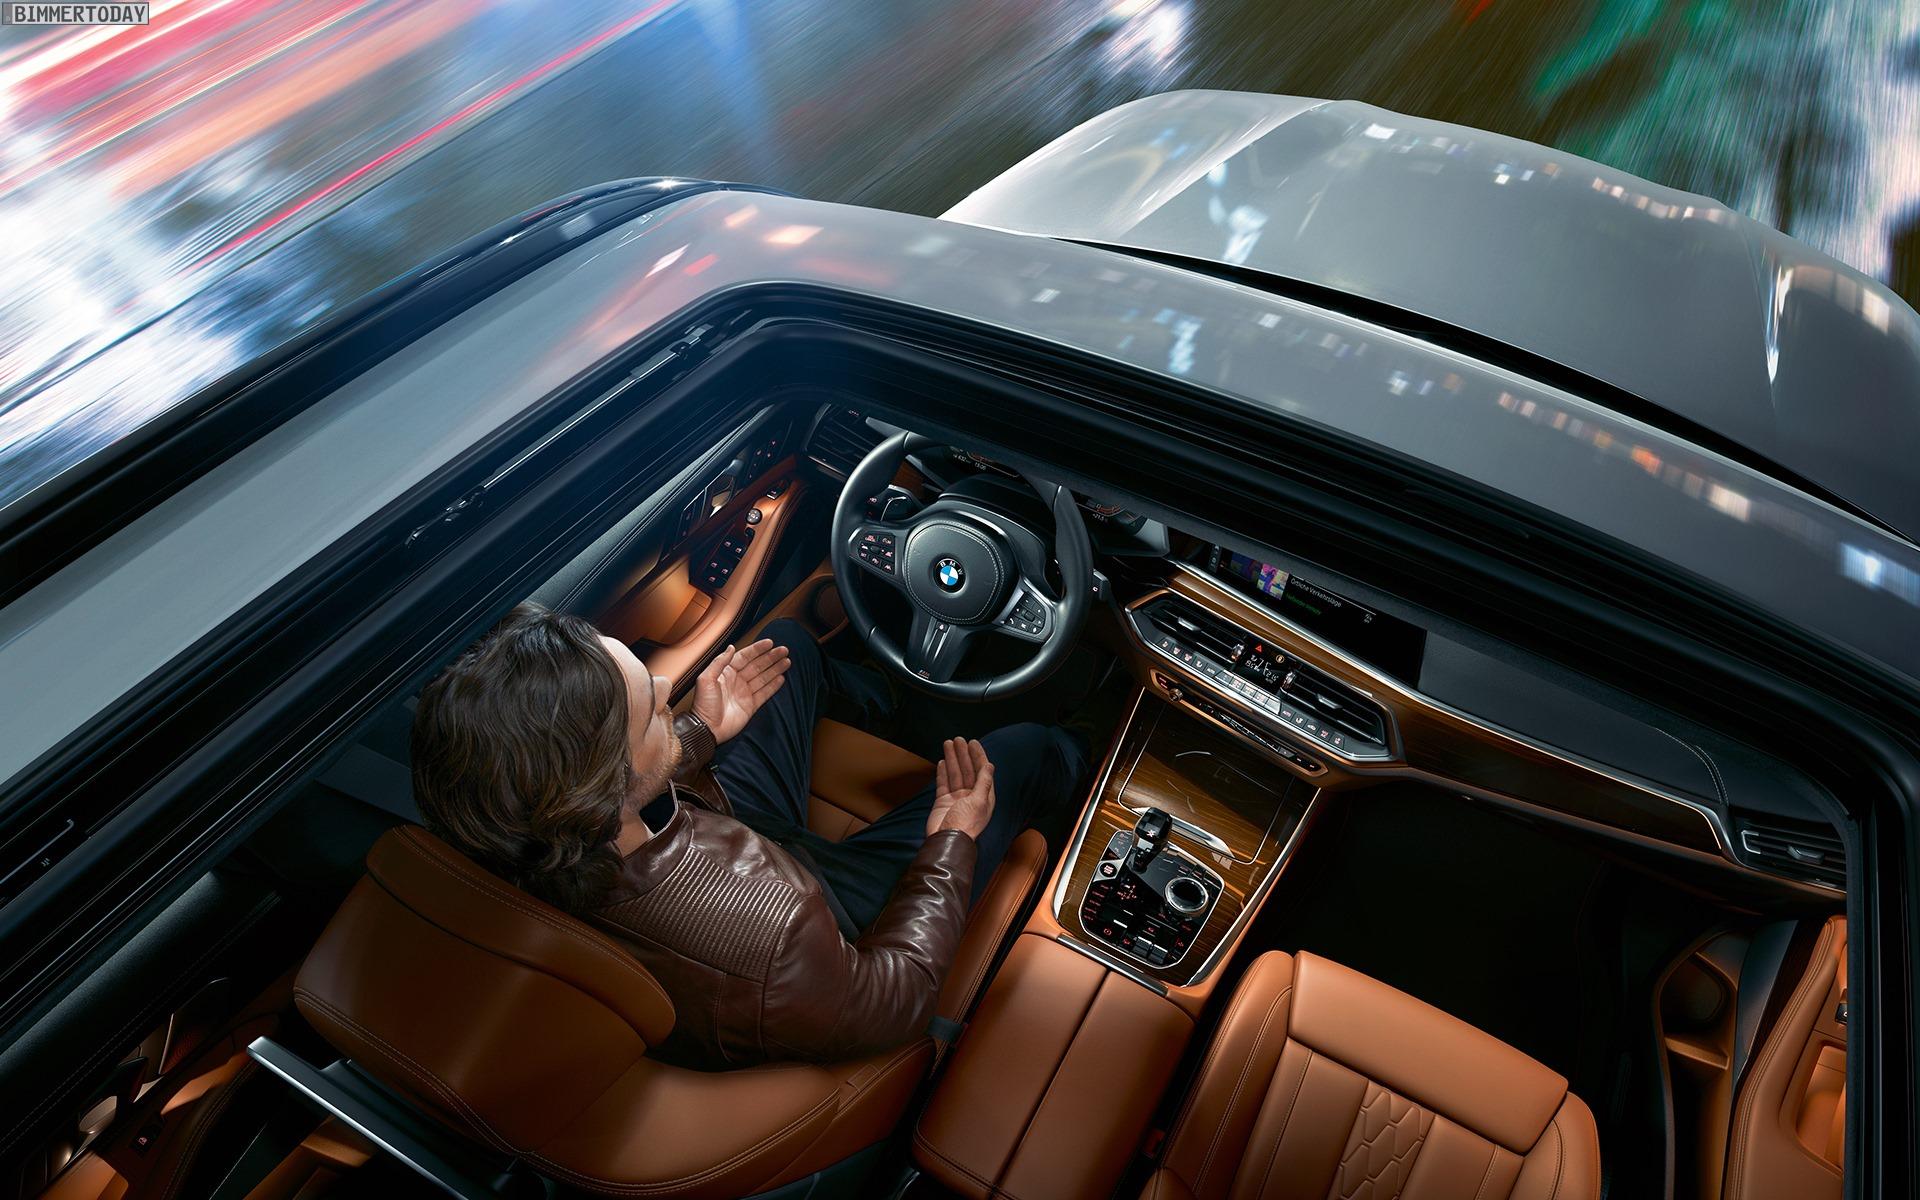 BMW X5 2019: Wallpaper-Motive setzen G05 M Sport in Szene